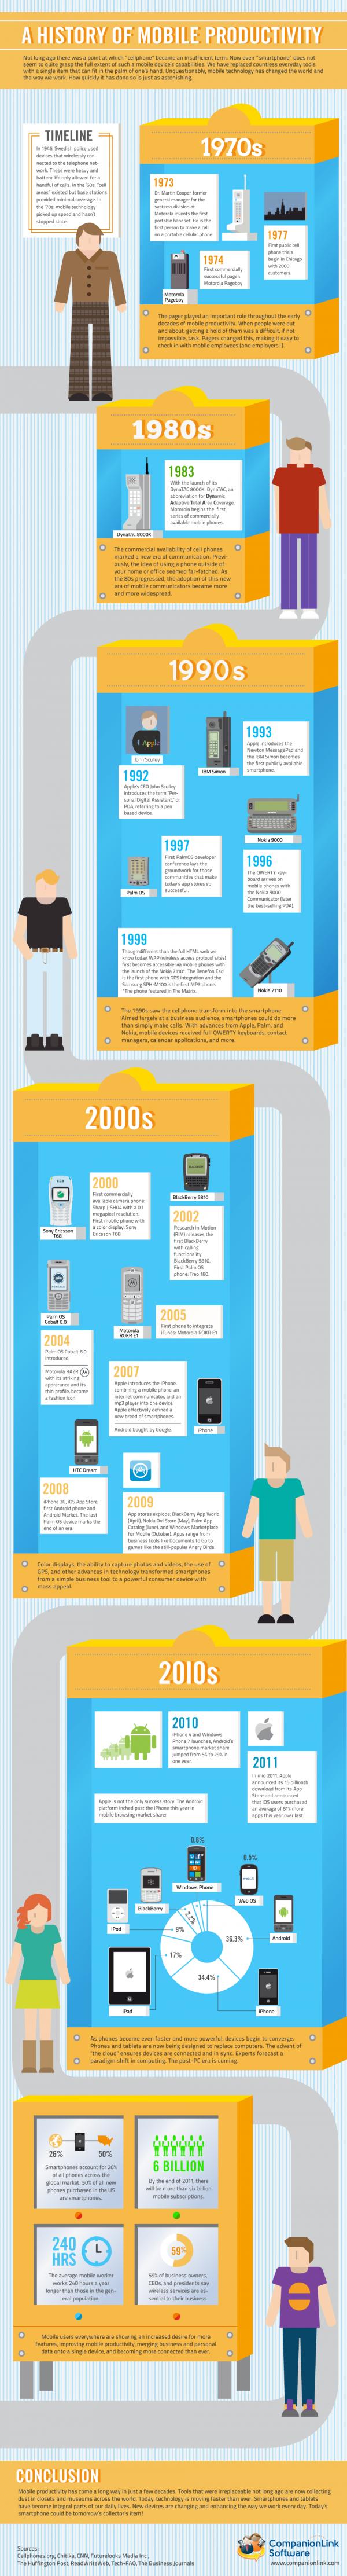 L'histoire de la productivité mobile